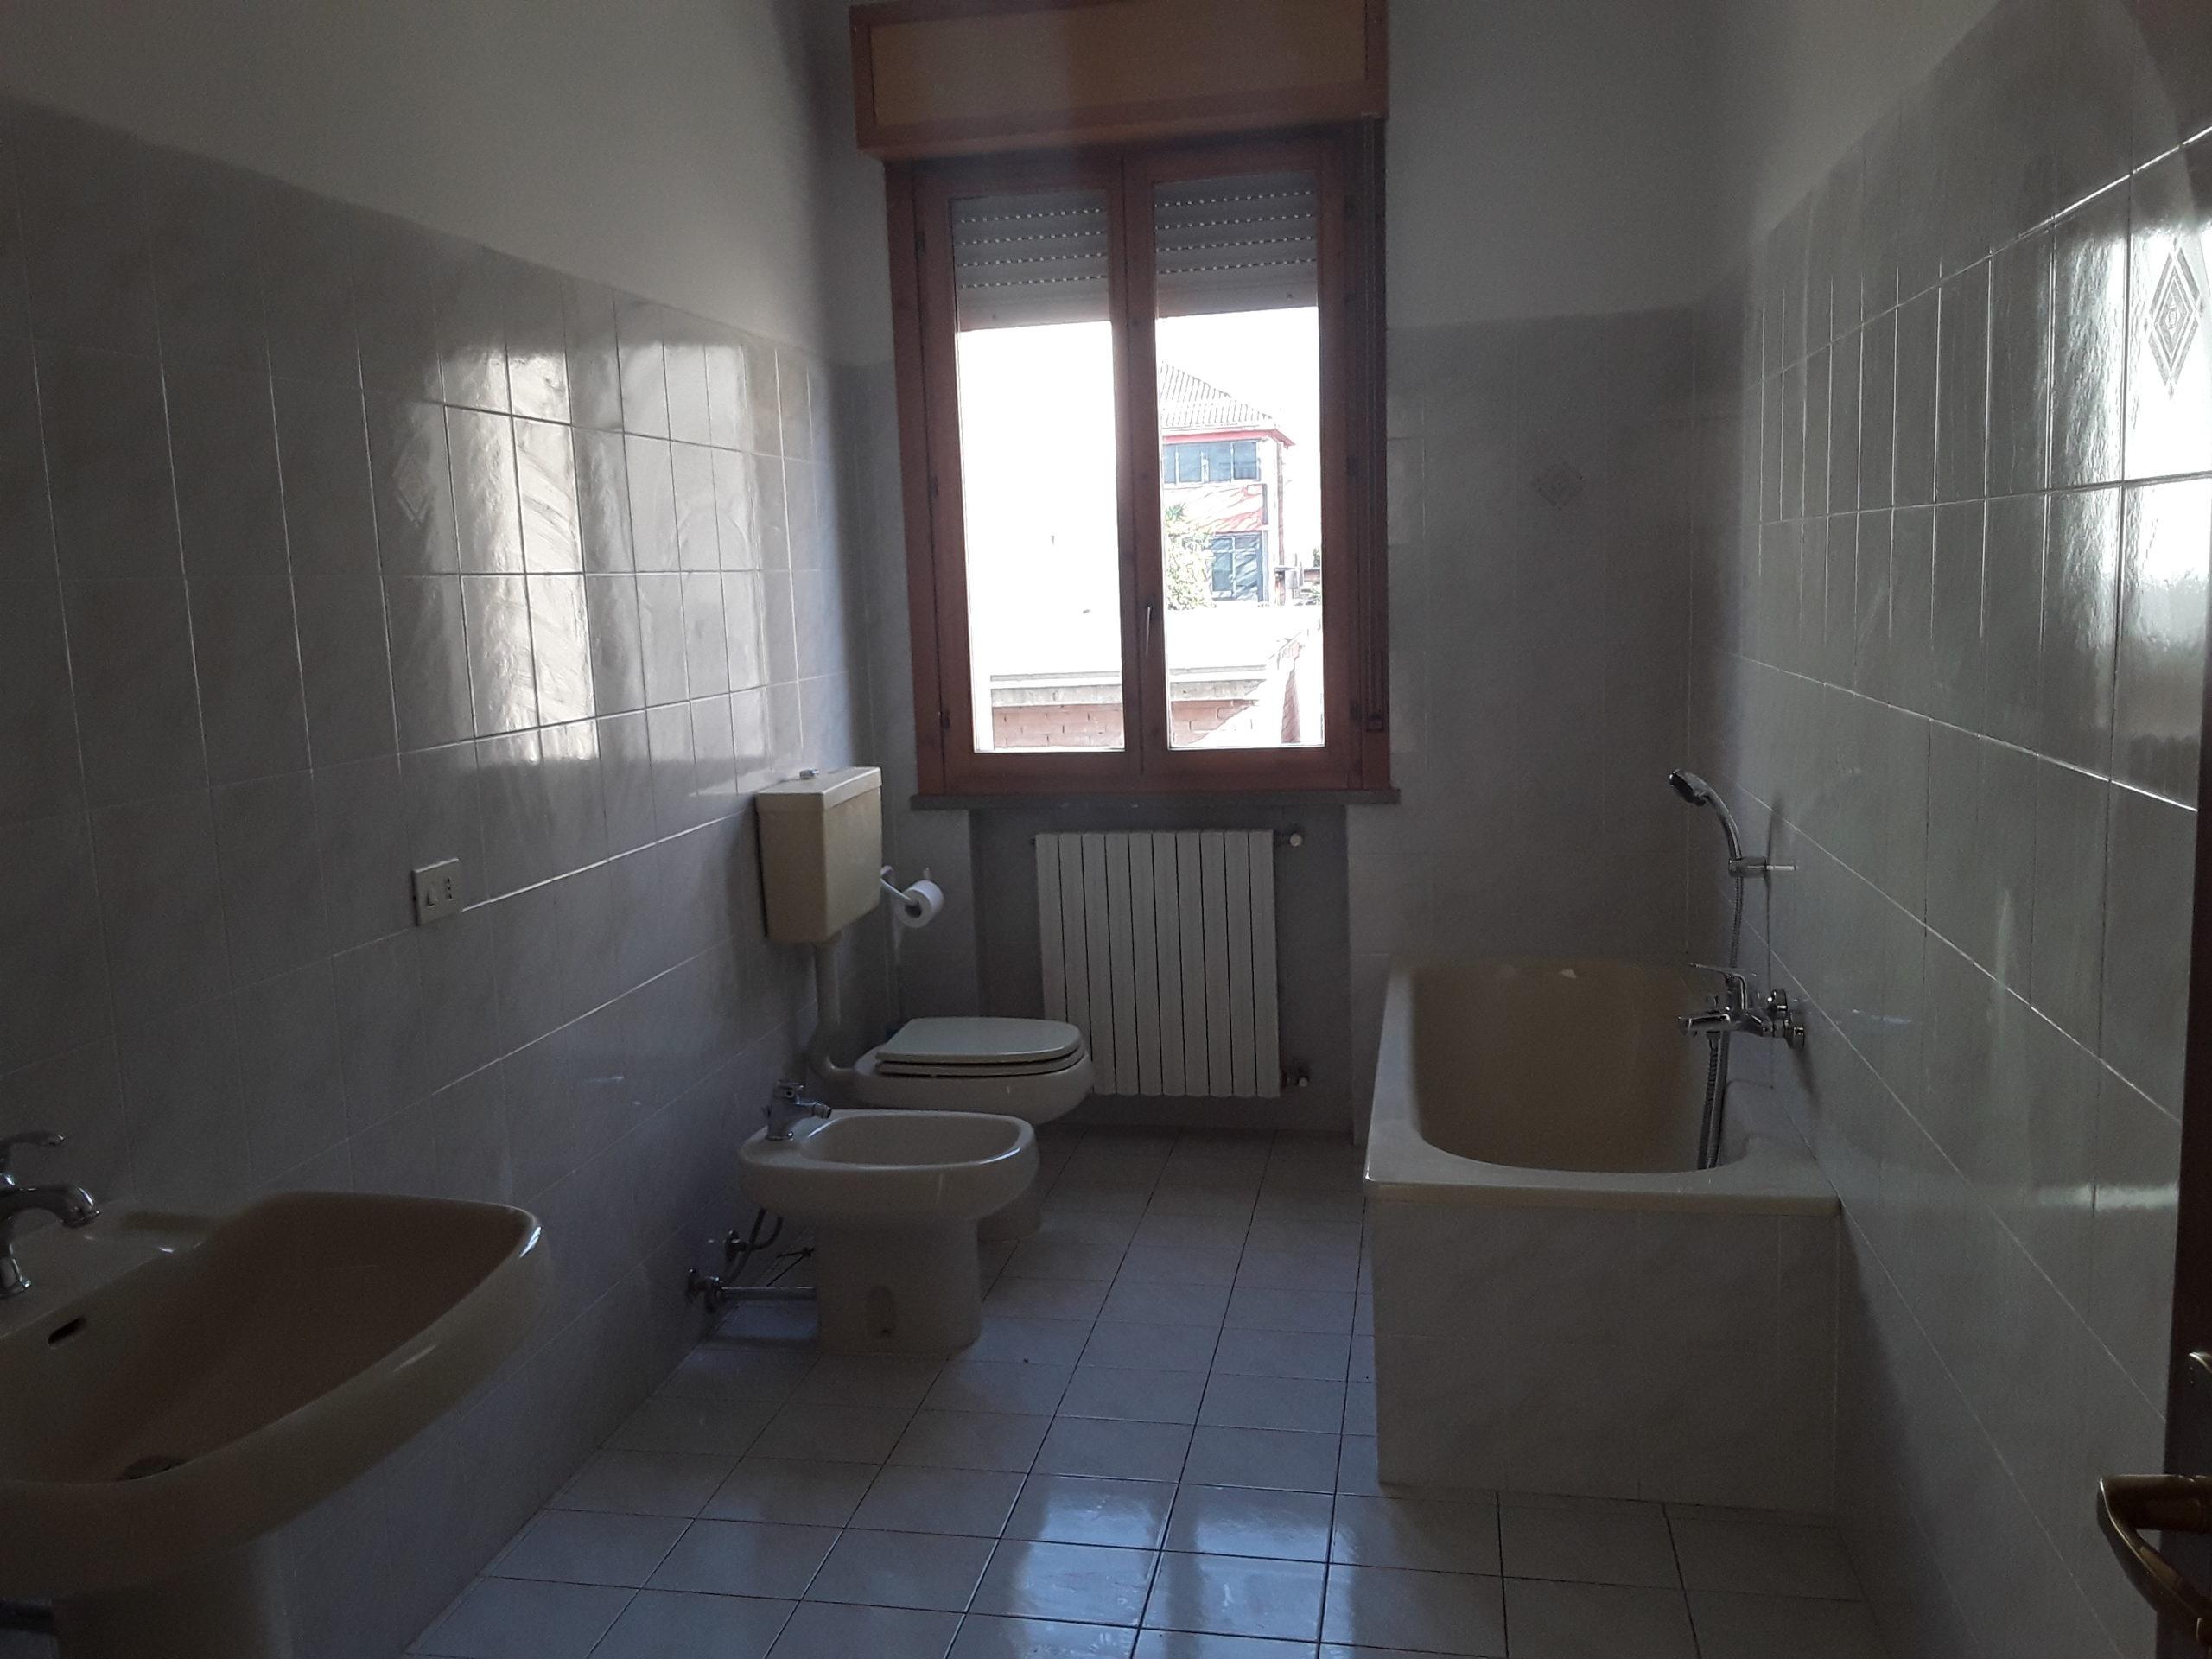 Ofr 925 Appartamento in vendita a S.Ilario d'Enza € 180.000